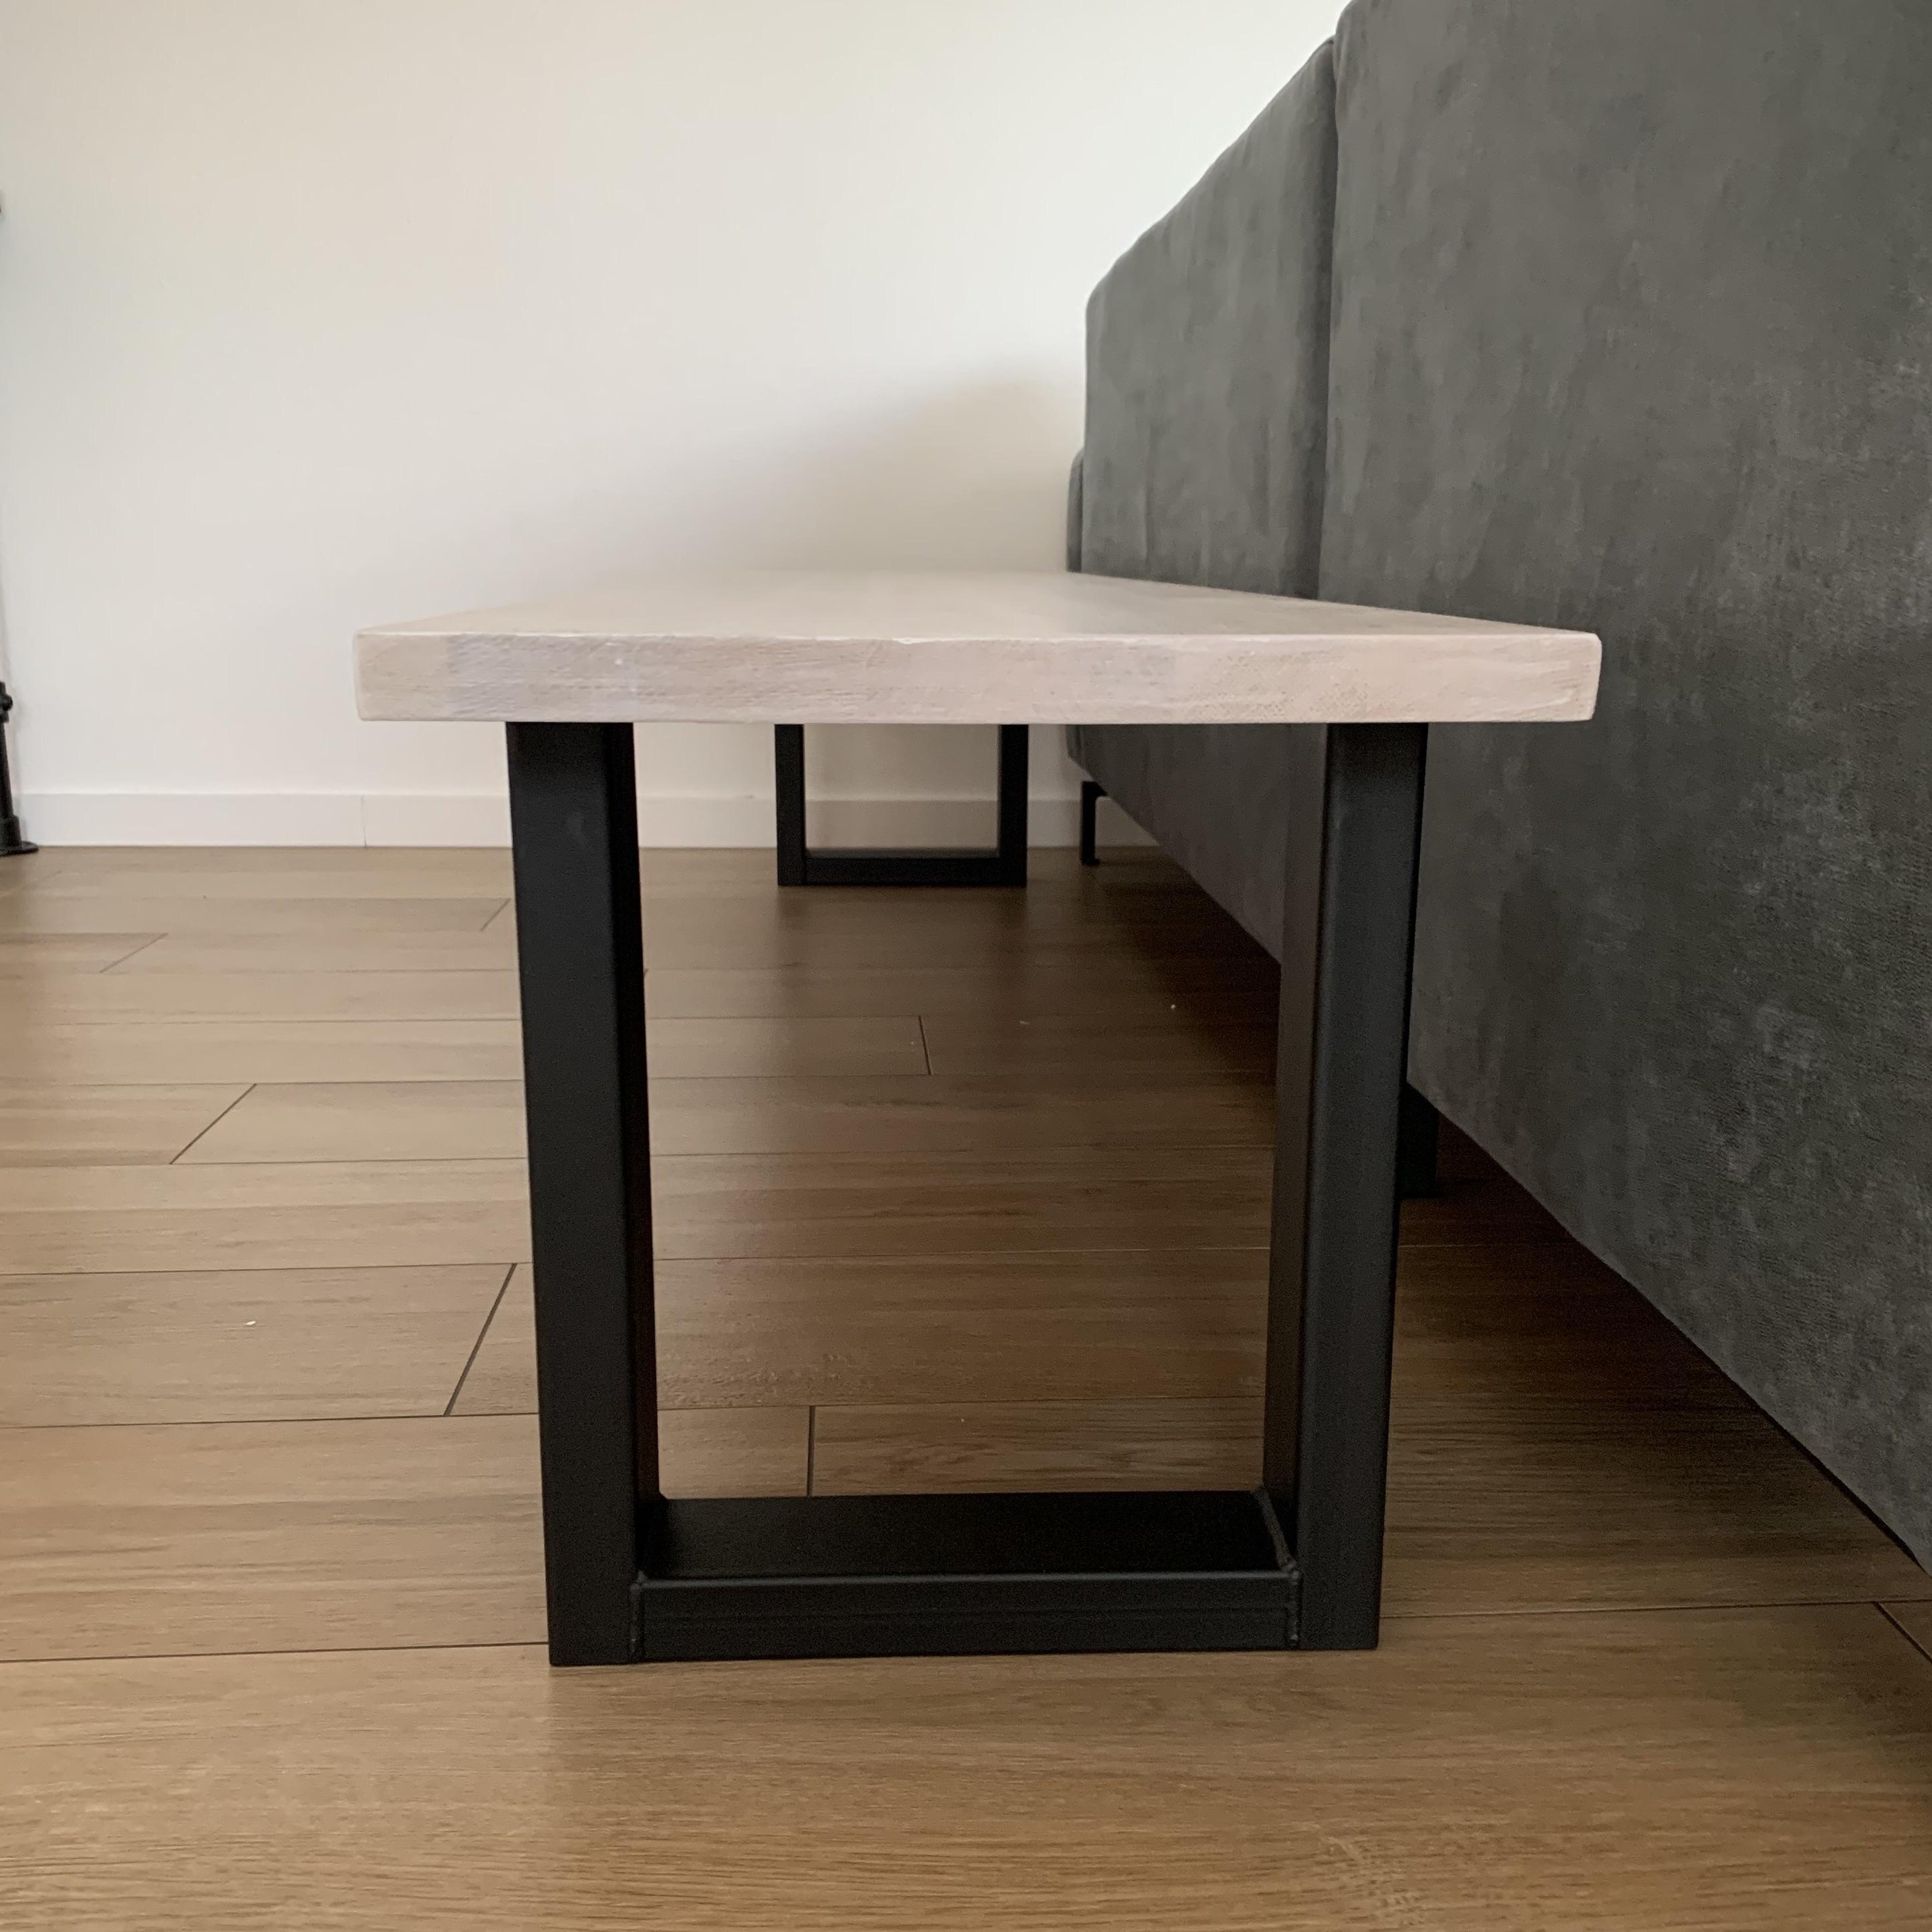 Bankbeine U Metall elegant SET (2 Stück) - 8x4 cm - 36 cm breit - 42 cm hoch - U-form Bankgestell / Tischbeine Couchtisch beschichtet - Schwarz, Anthrazit & Weiß